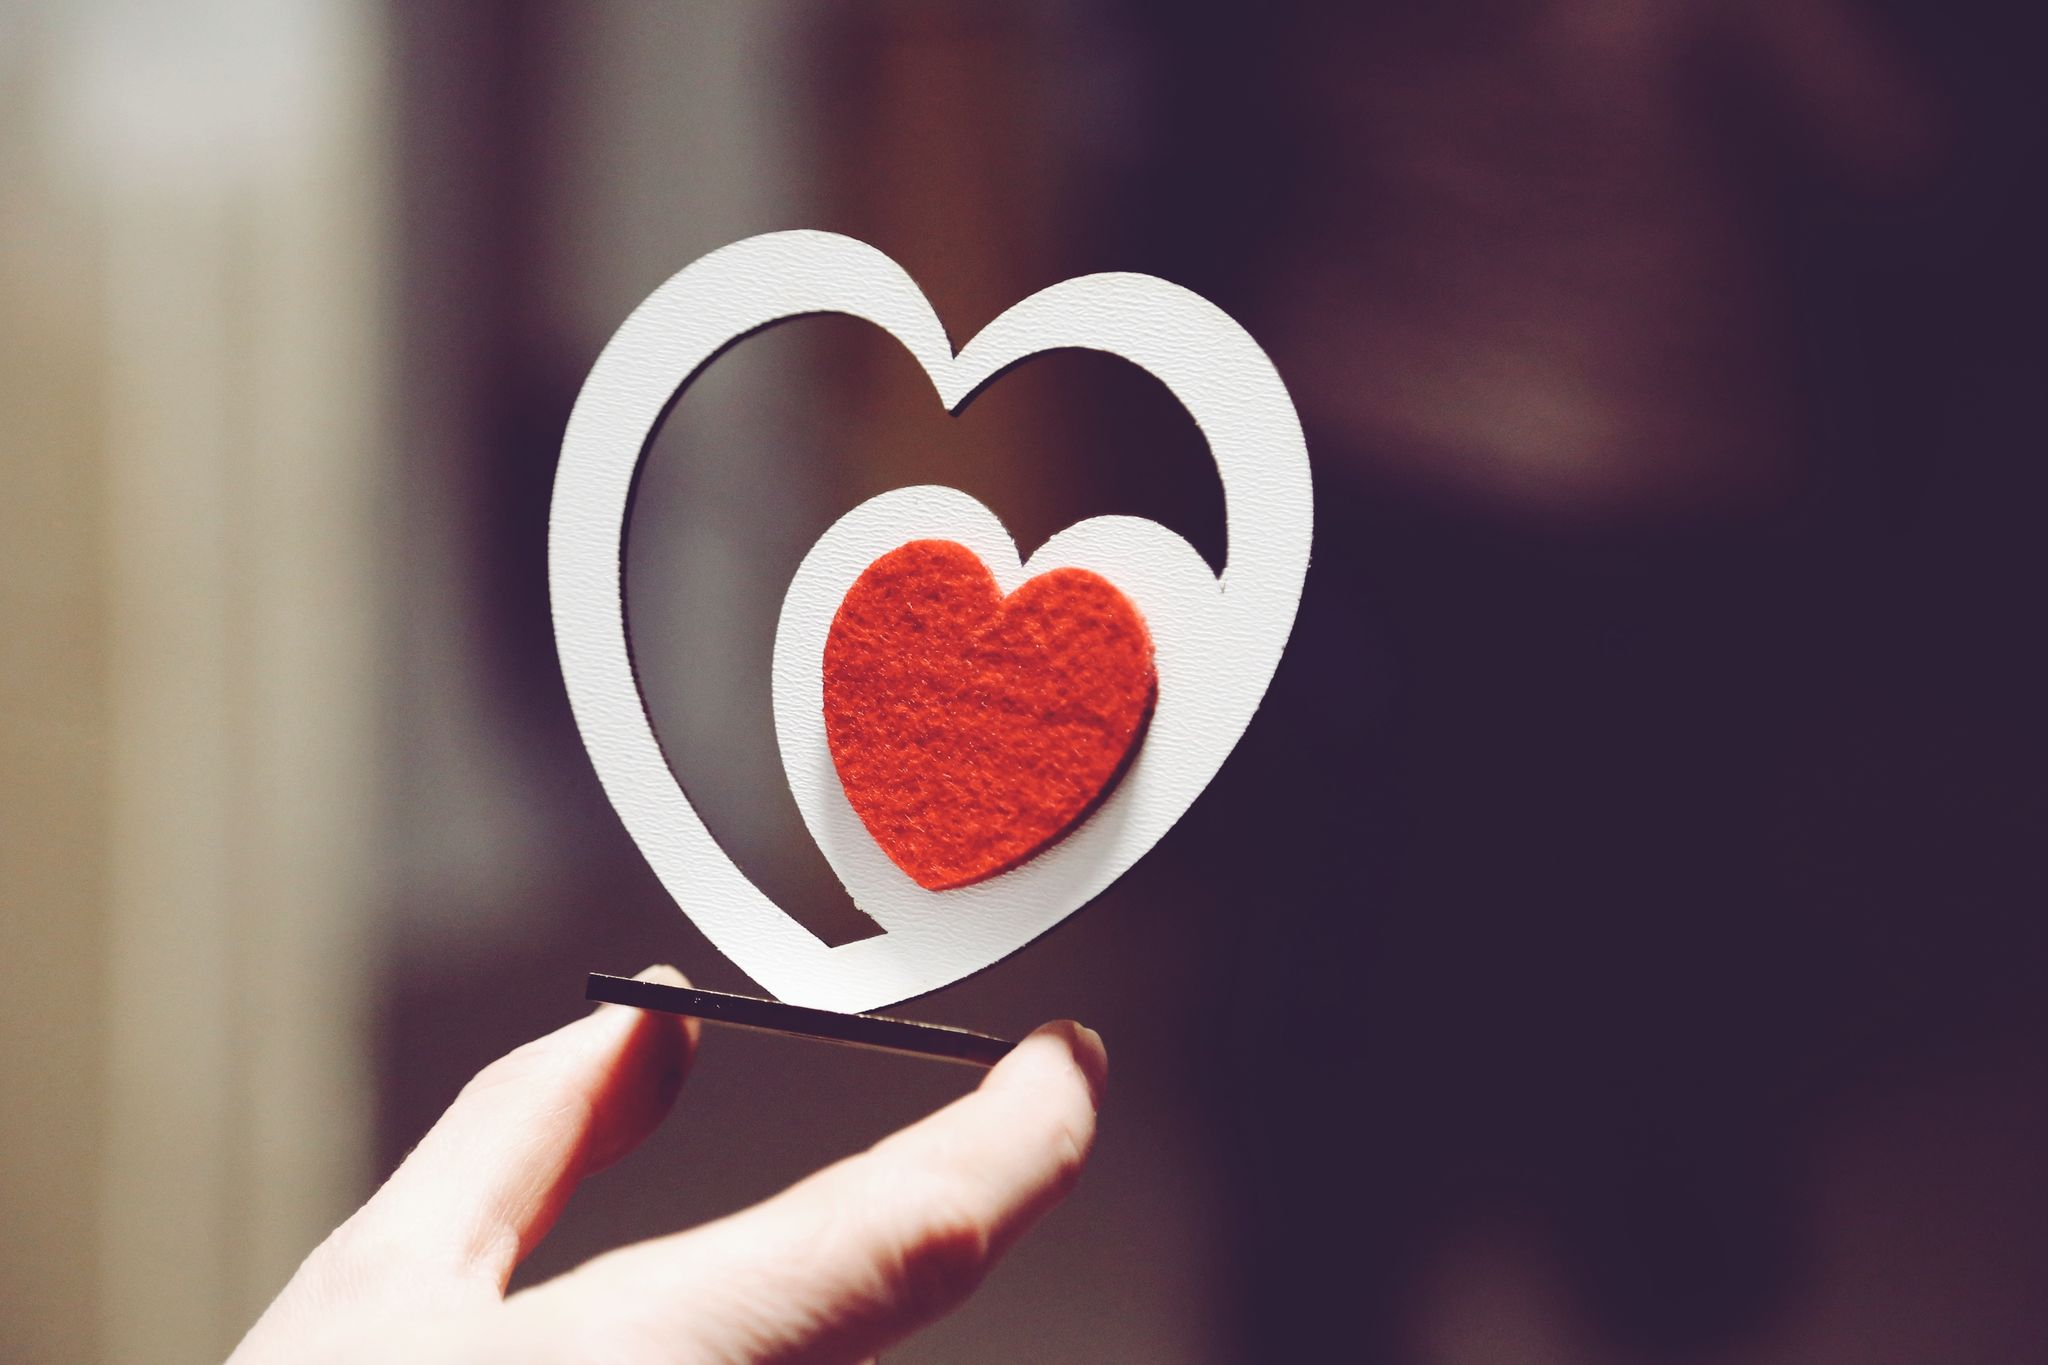 Przesyłka od Serca dla pacjentek z okazji Dnia Kobiet [ZDJĘCIA+WIDEO] - Zdjęcie główne